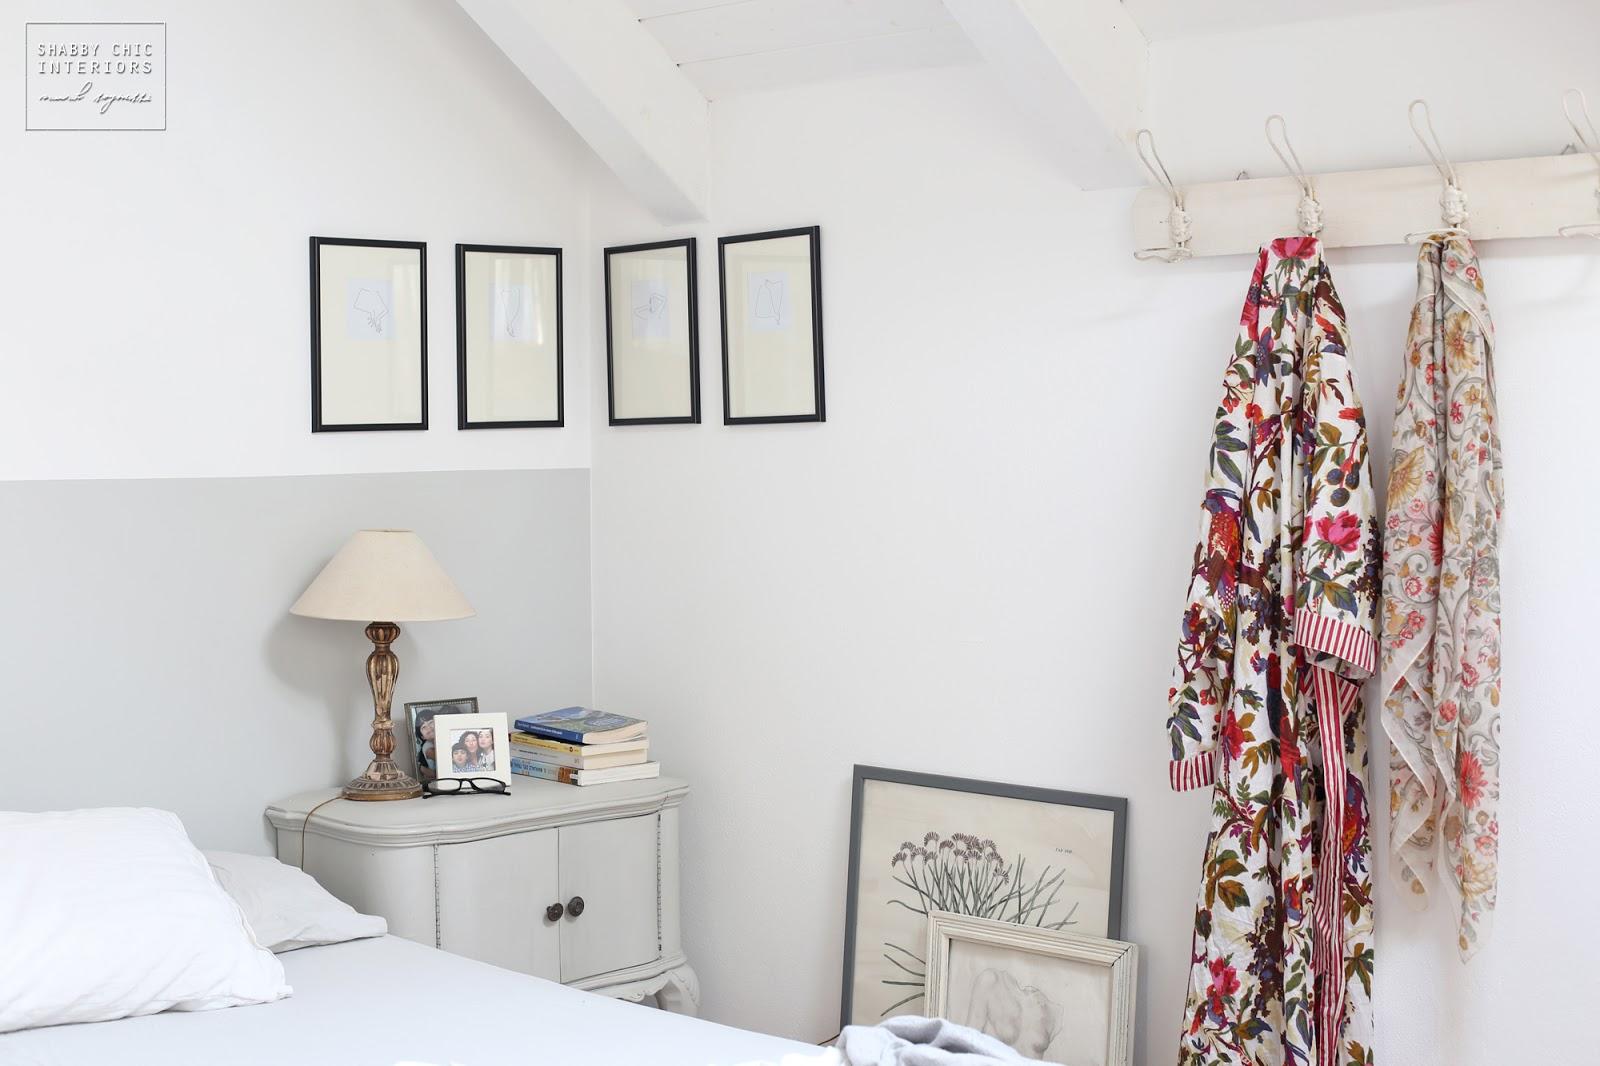 La mia nuova camera da letto - Shabby Chic Interiors